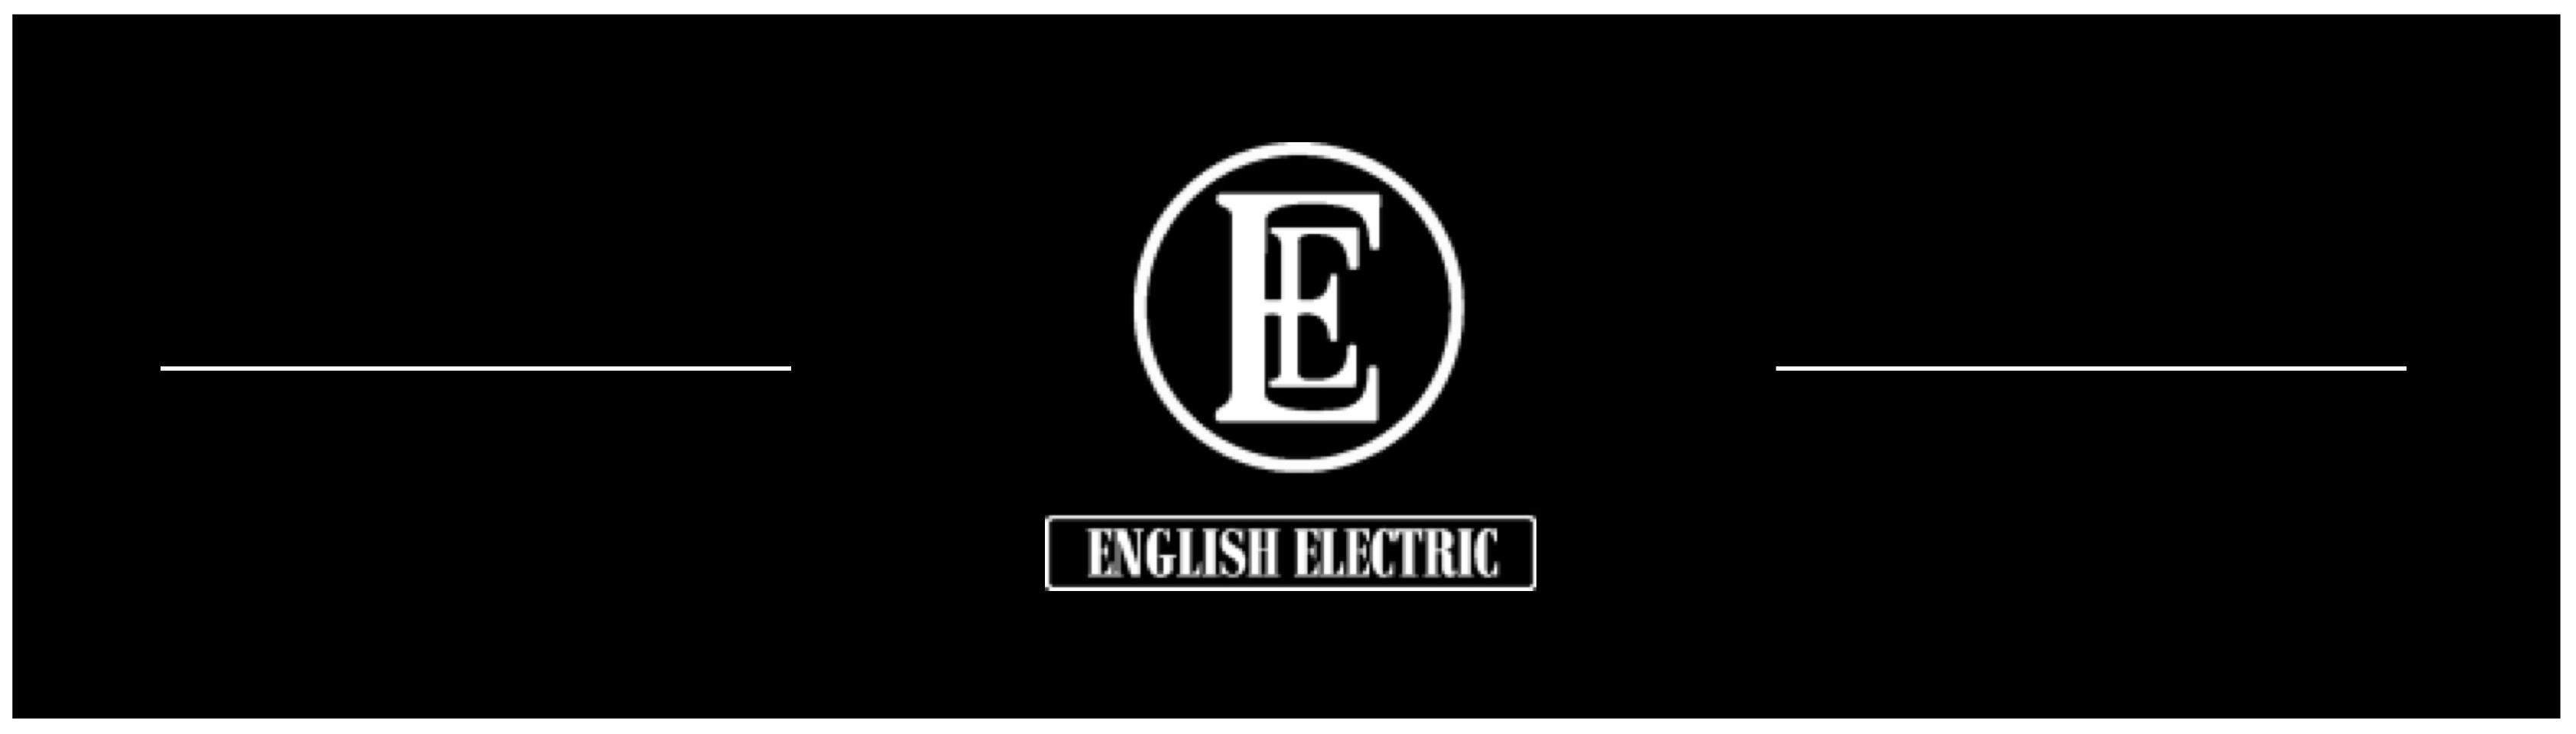 english-electric.jpg